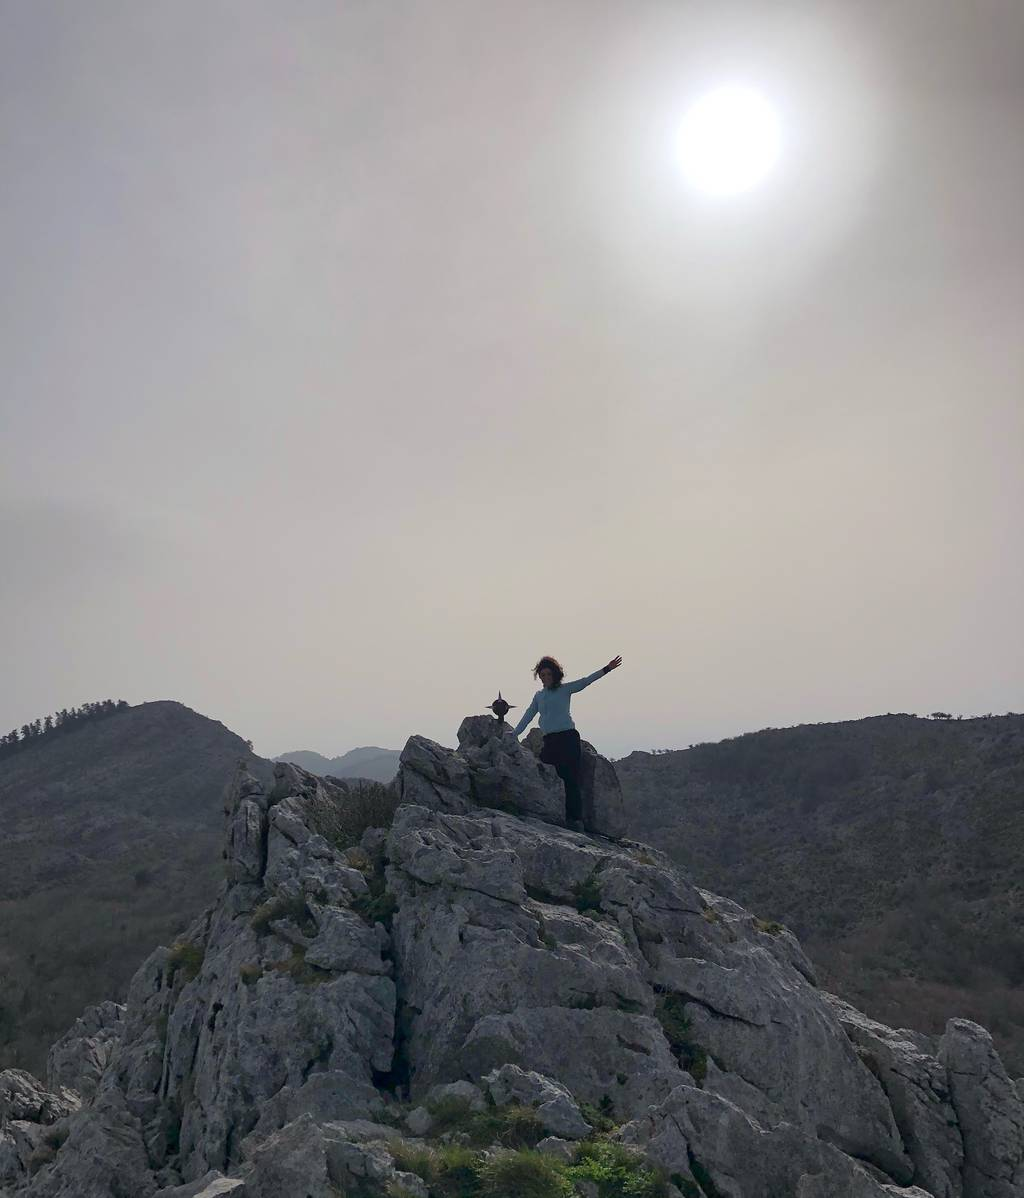 Sari txu  erabiltzailea Krutzuaga (Antzubil) puntan, 2021-02-21 11:51